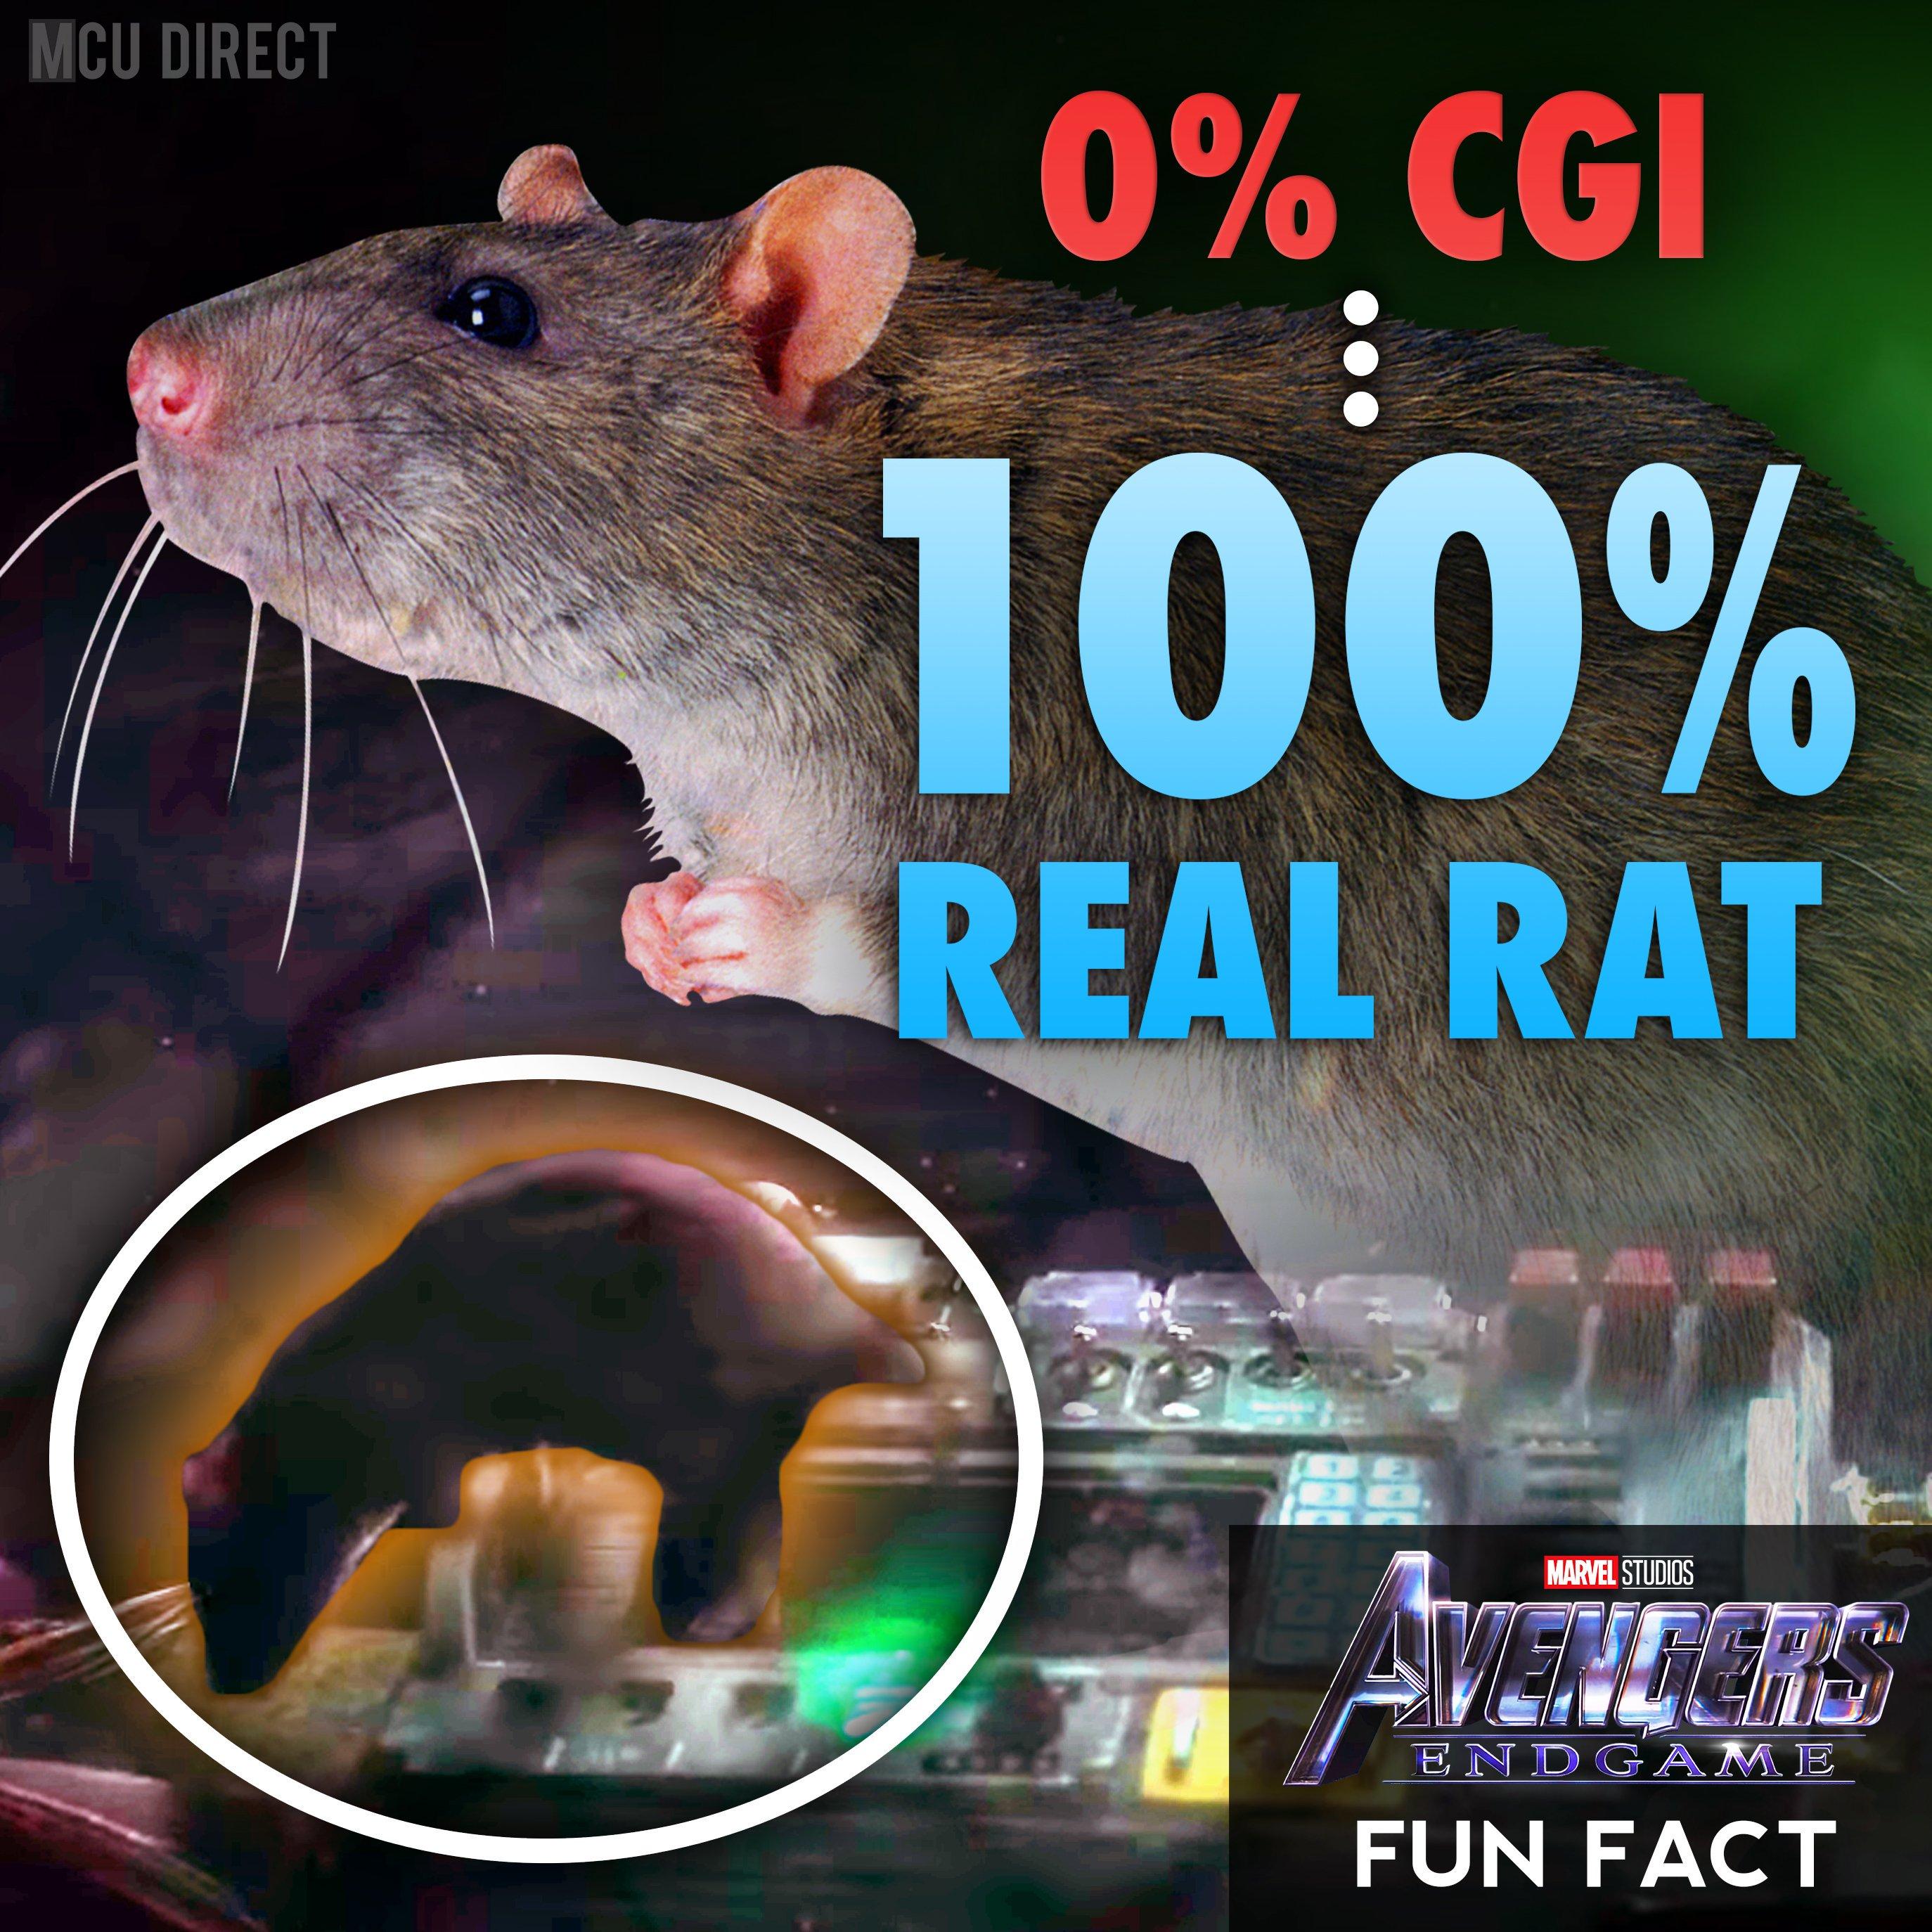 漫威DC大事件 蜘蛛侠或捆绑毒液回MCU 复联4真有其鼠